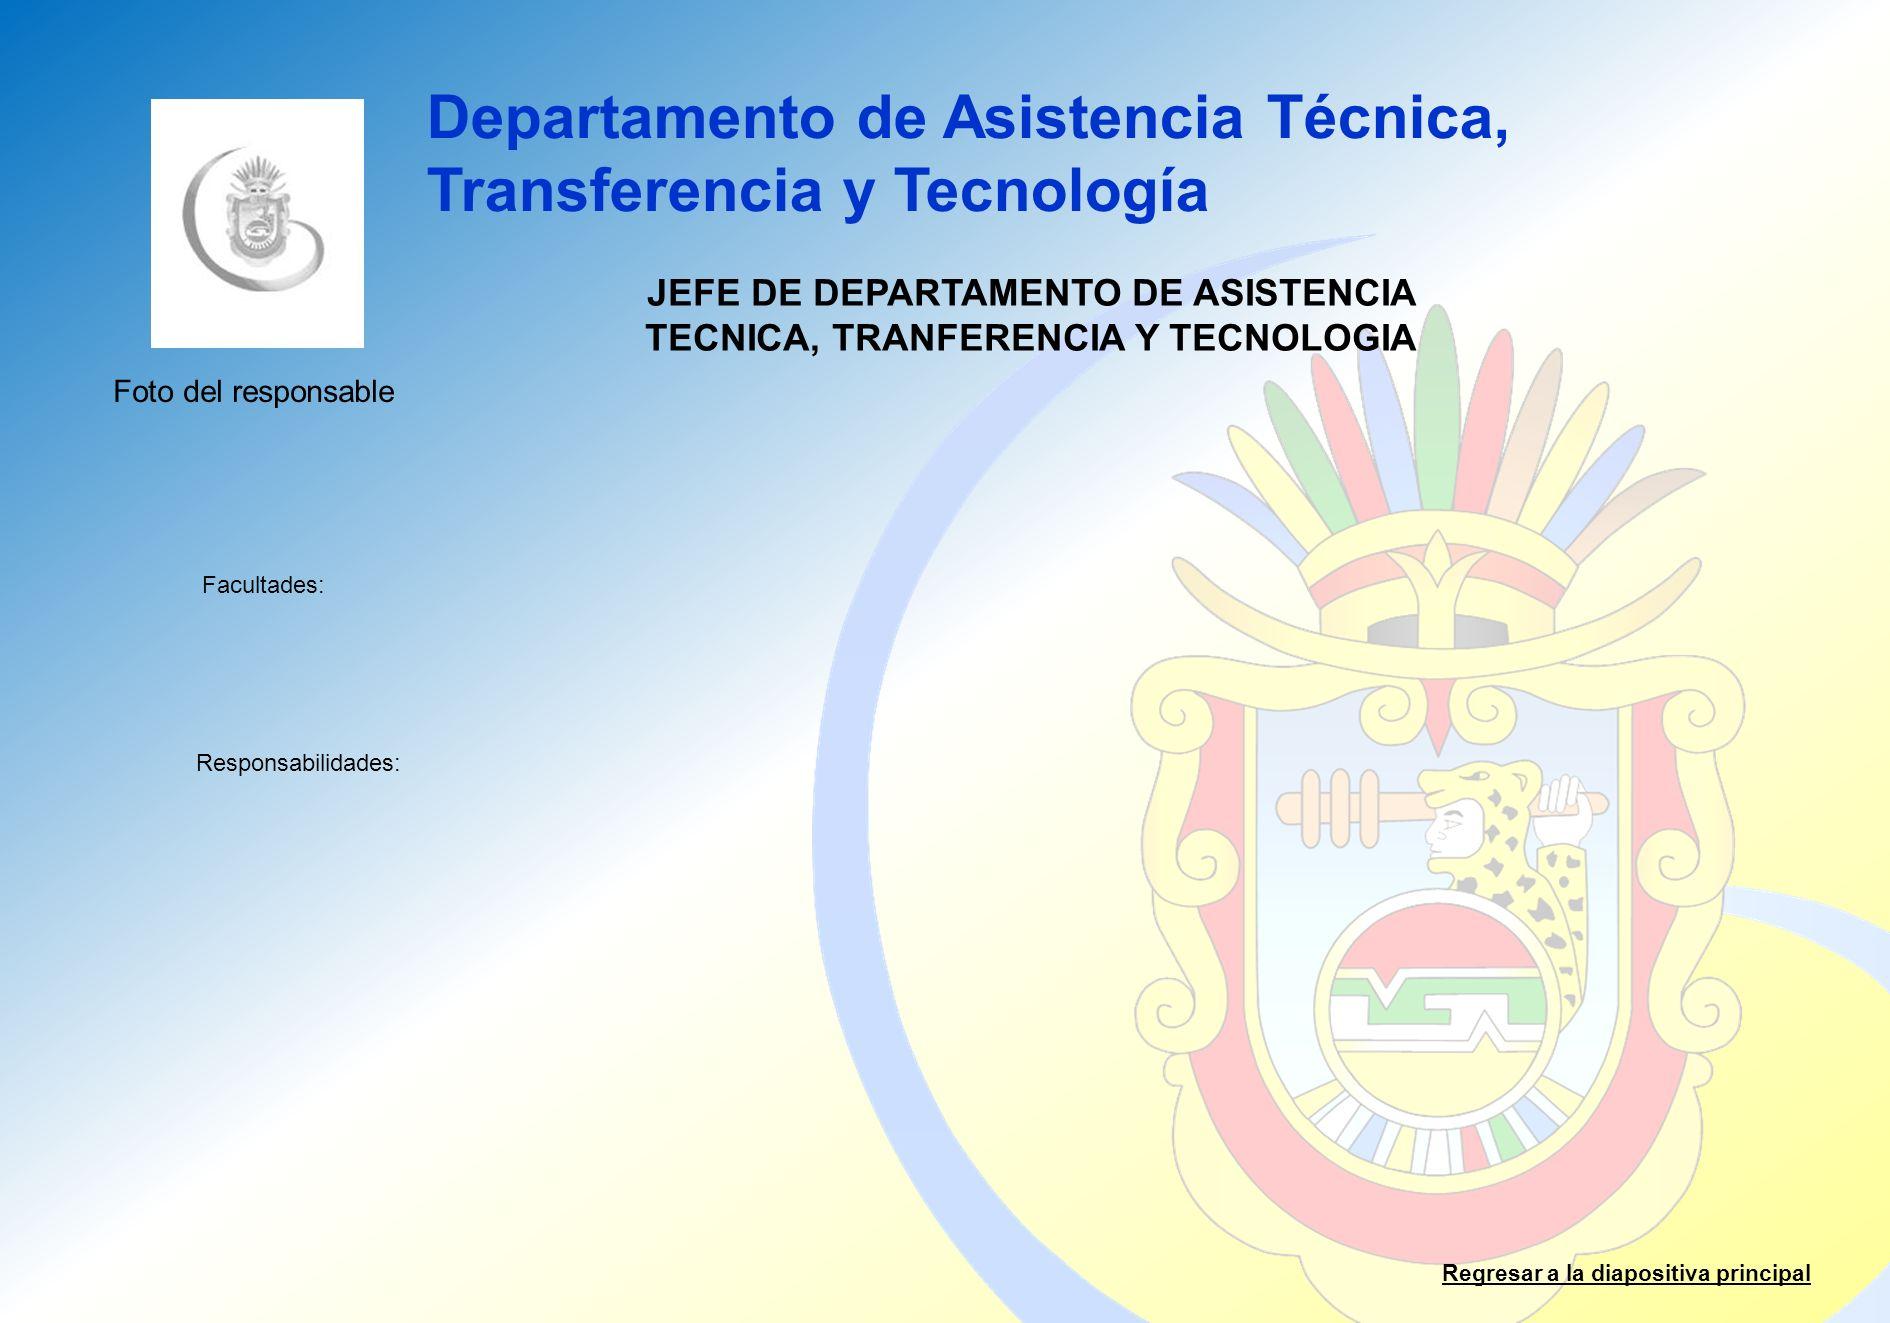 JEFE DE DEPARTAMENTO DE ASISTENCIA TECNICA, TRANFERENCIA Y TECNOLOGIA